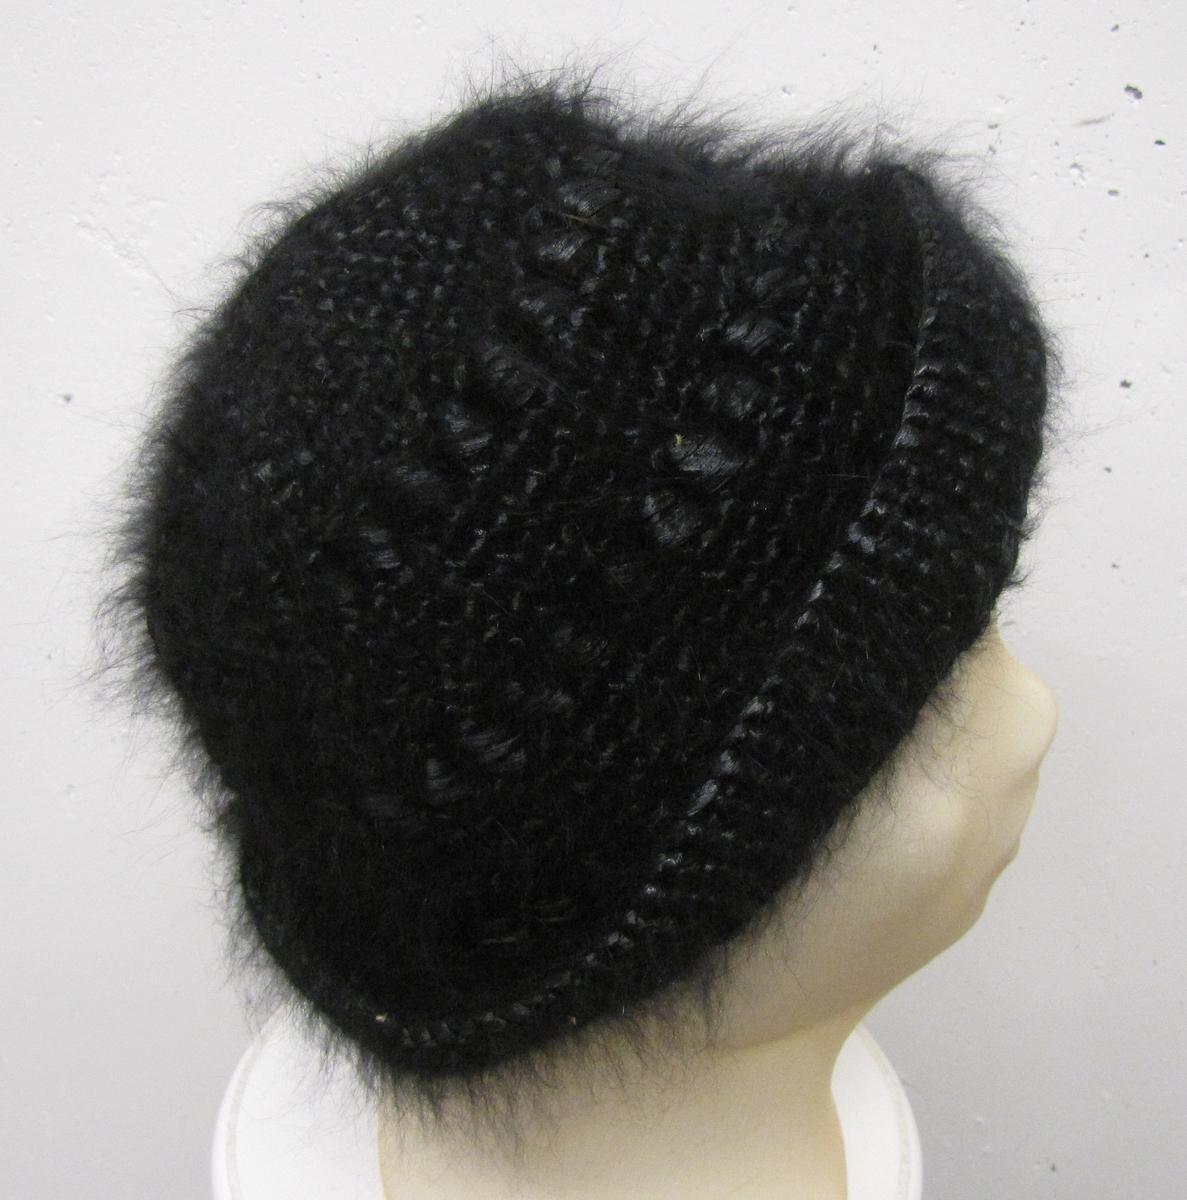 Svart hatt i angora och bast med ett 4 cm, brett brätte vilket är uppvikt runt om.    Hatten är mycket mjuk och ''oformlig'' varför diameter måttet  är mycket ungefärligt.    Givaren var bosatt i Skara åren 1938-1958.